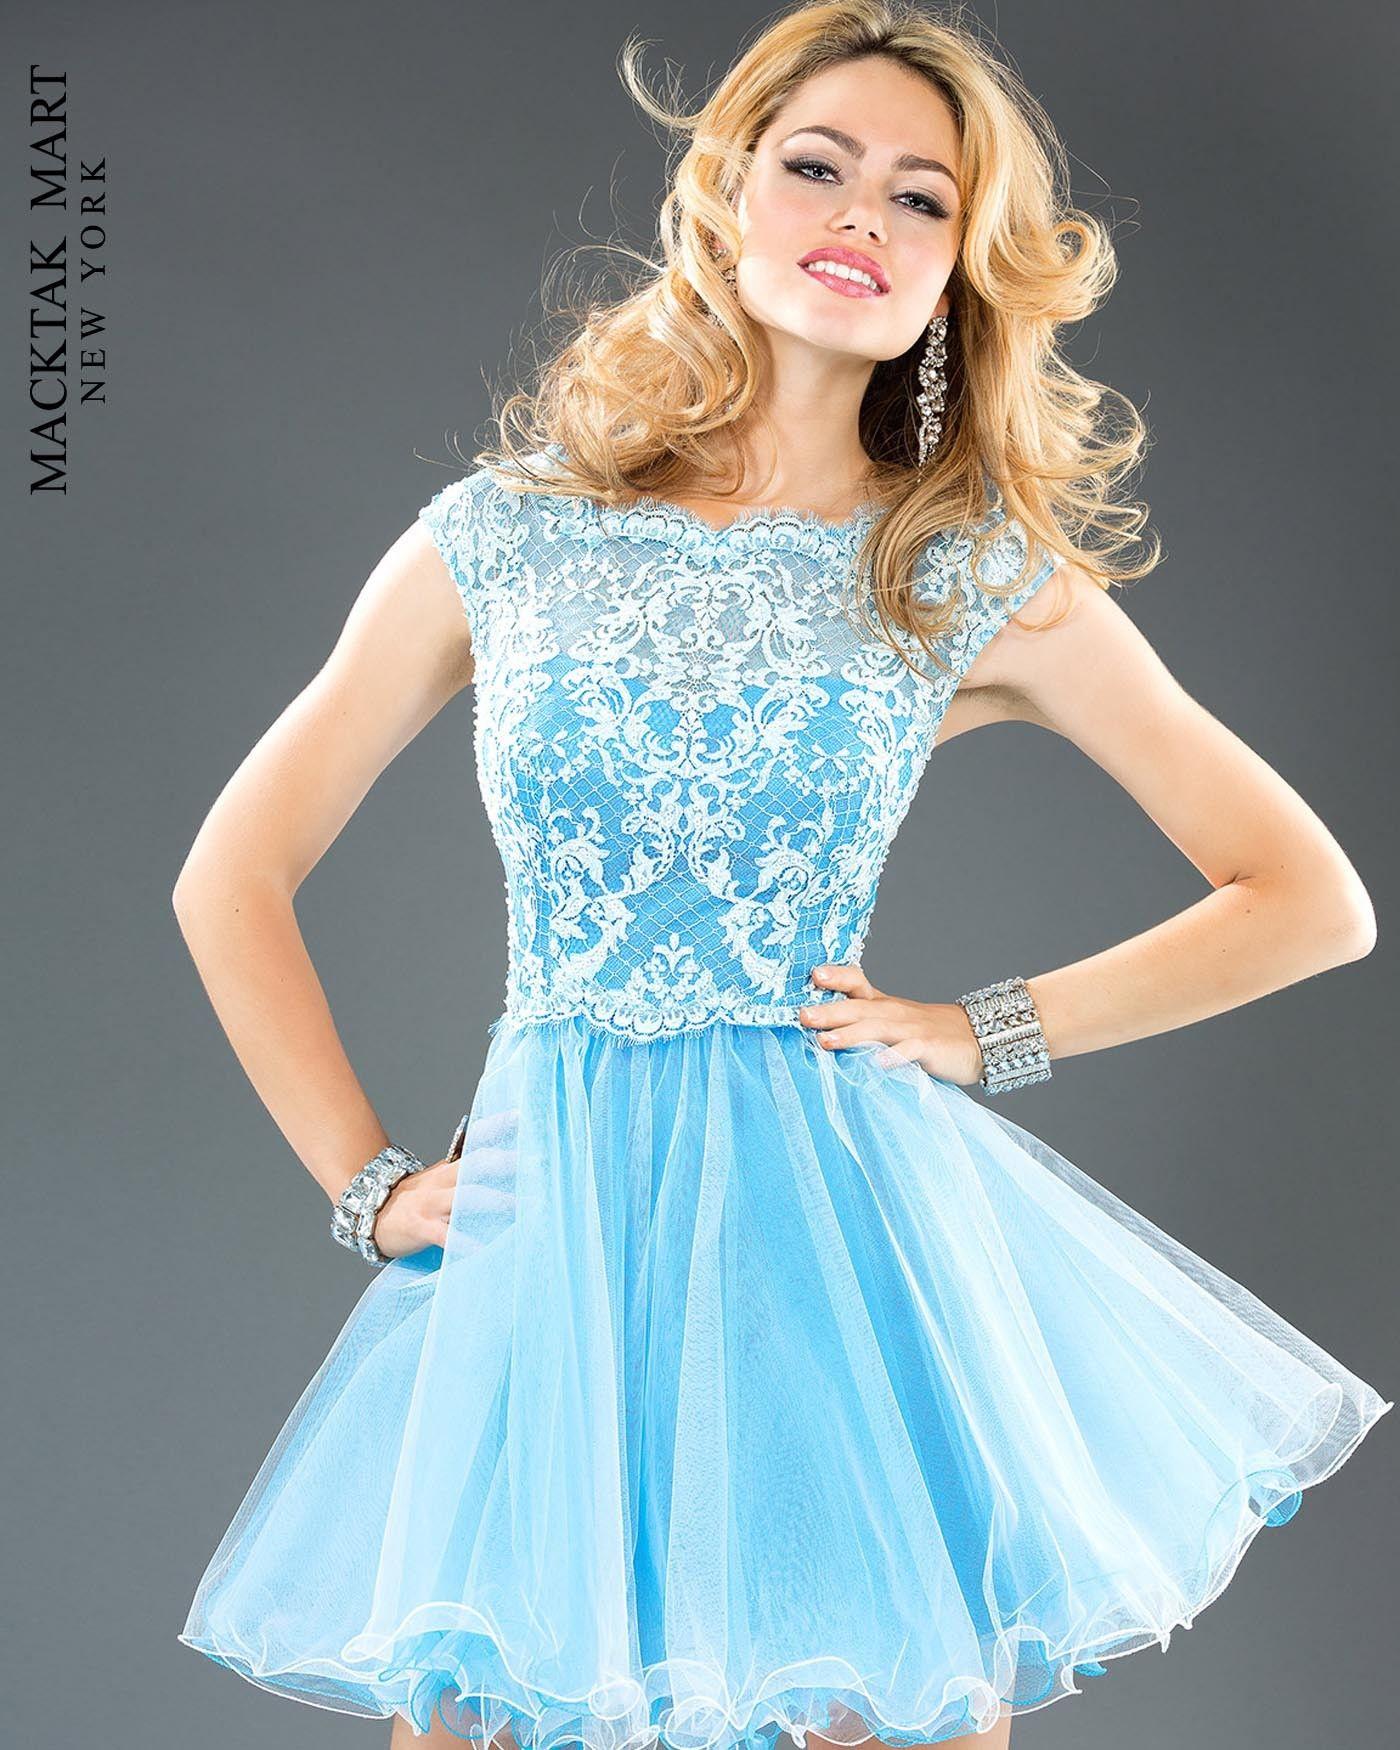 Jovani 79047 Dress $460.00 | MackTak New Arrivals | Pinterest ...